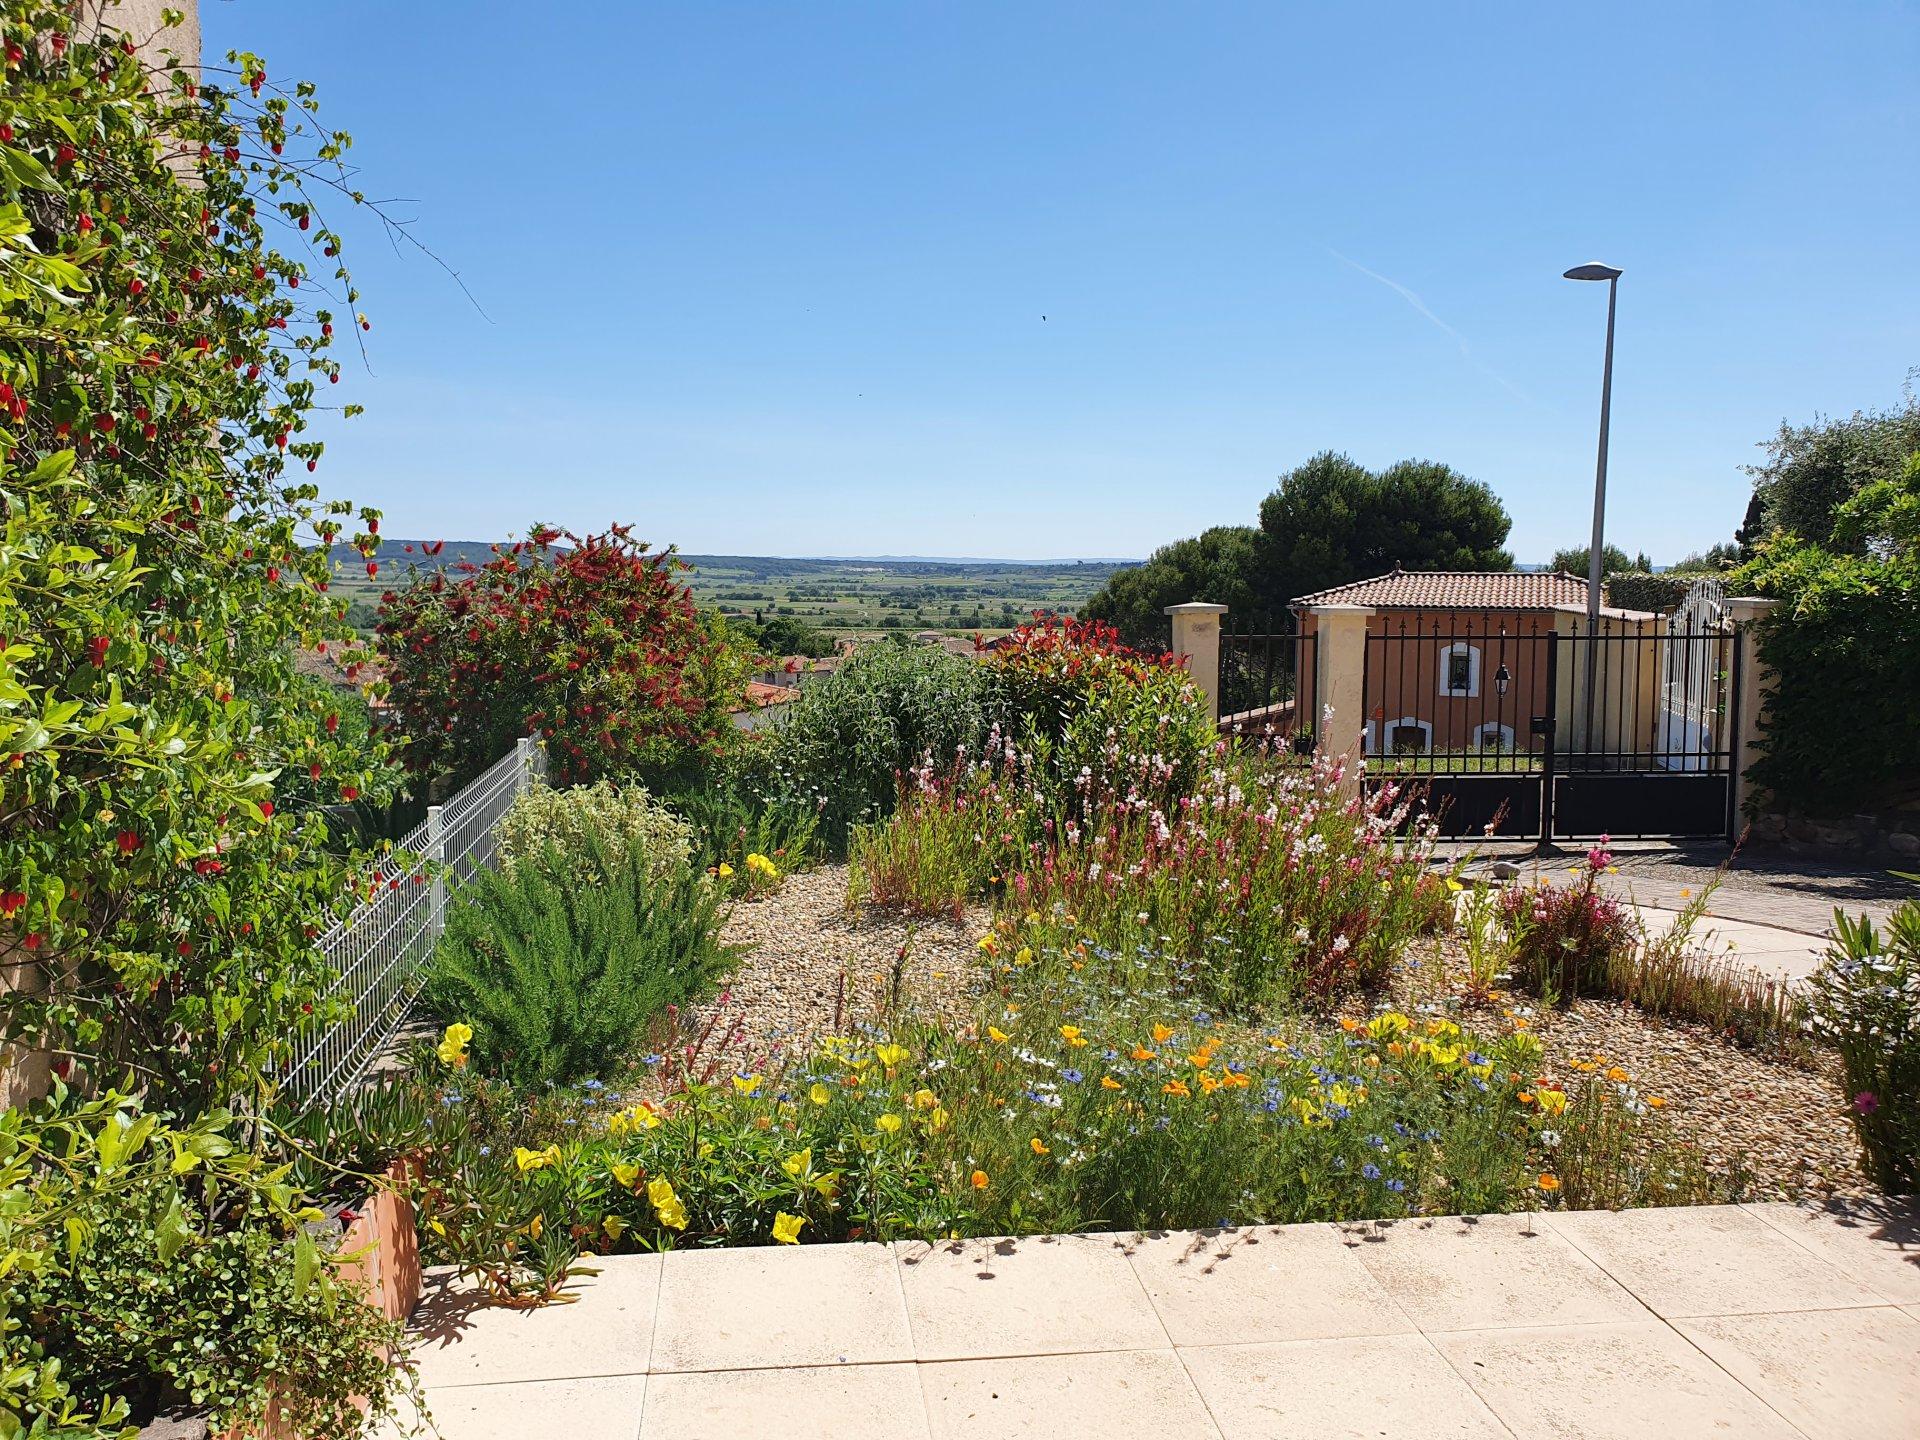 Maison des années 80 avec jardin et vues, commerces à pied